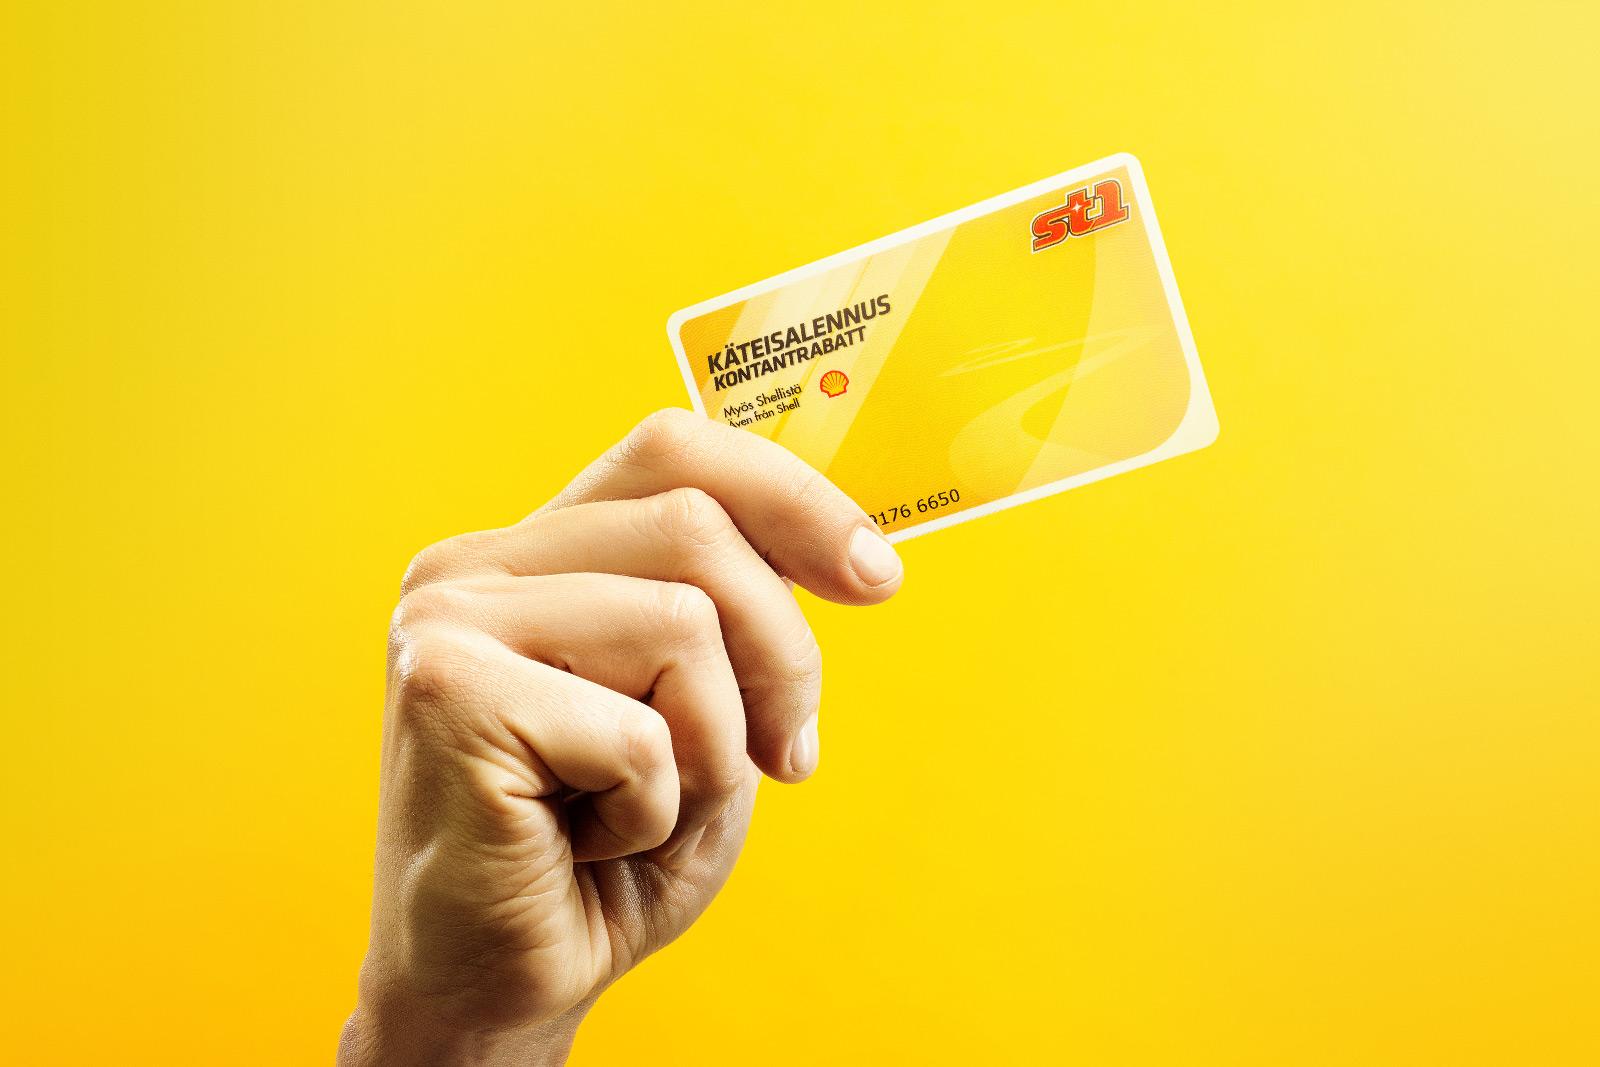 Rekisteröi_kortti